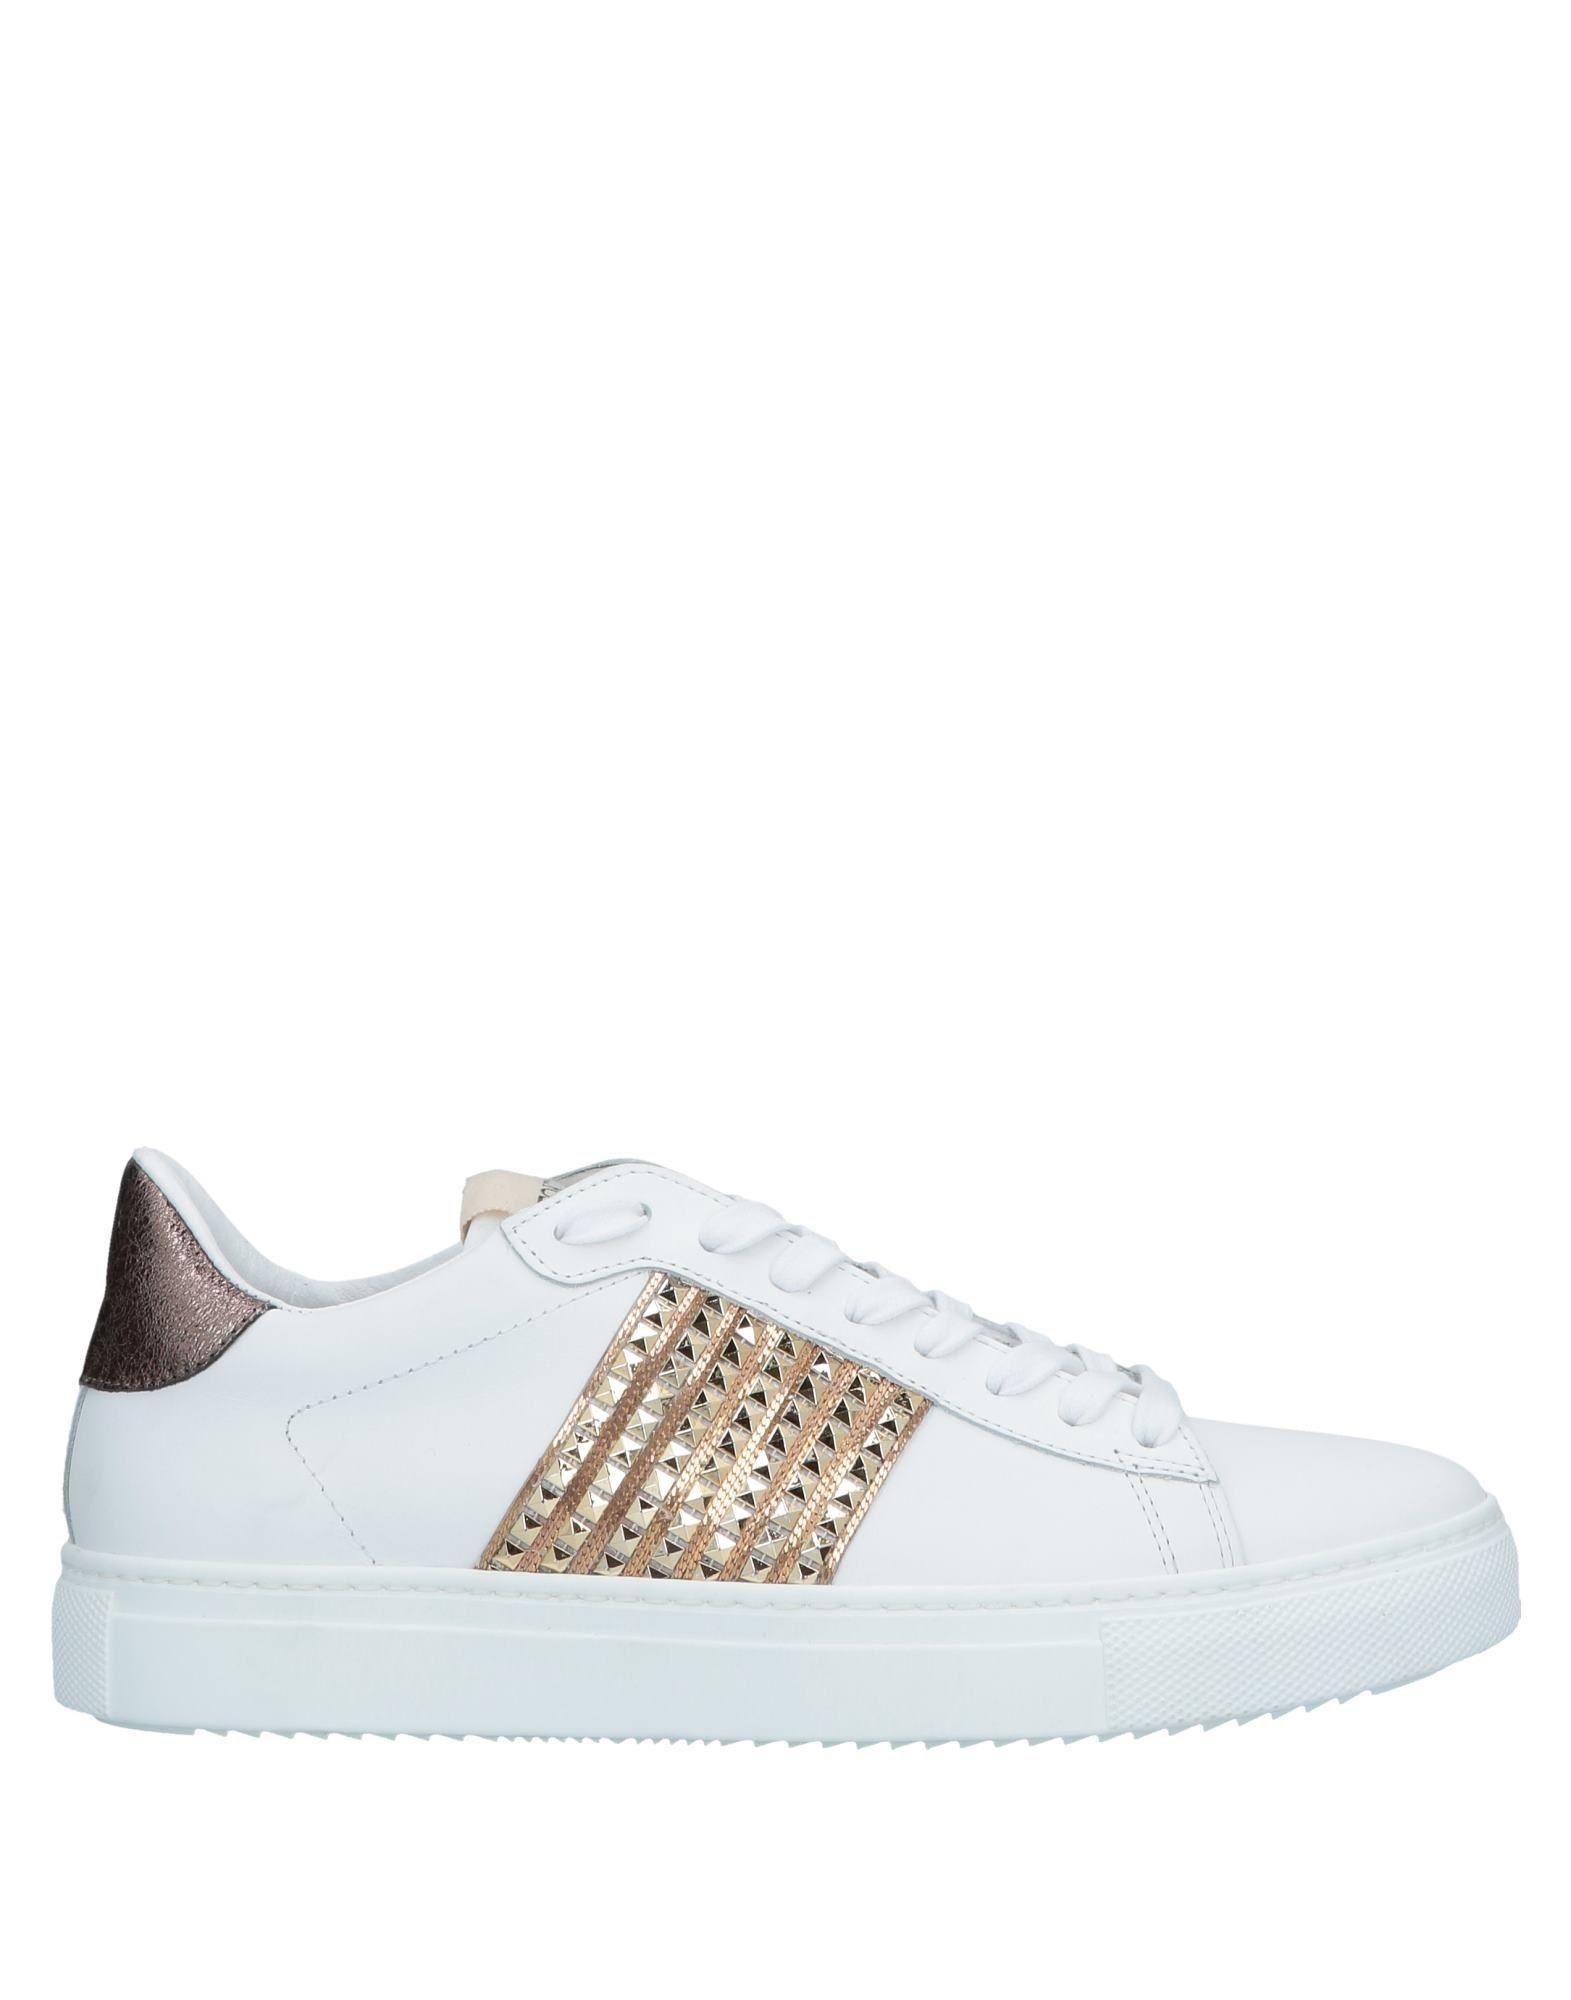 STOKTON | STOKTON Low-Tops & Sneakers 11695648 | Goxip